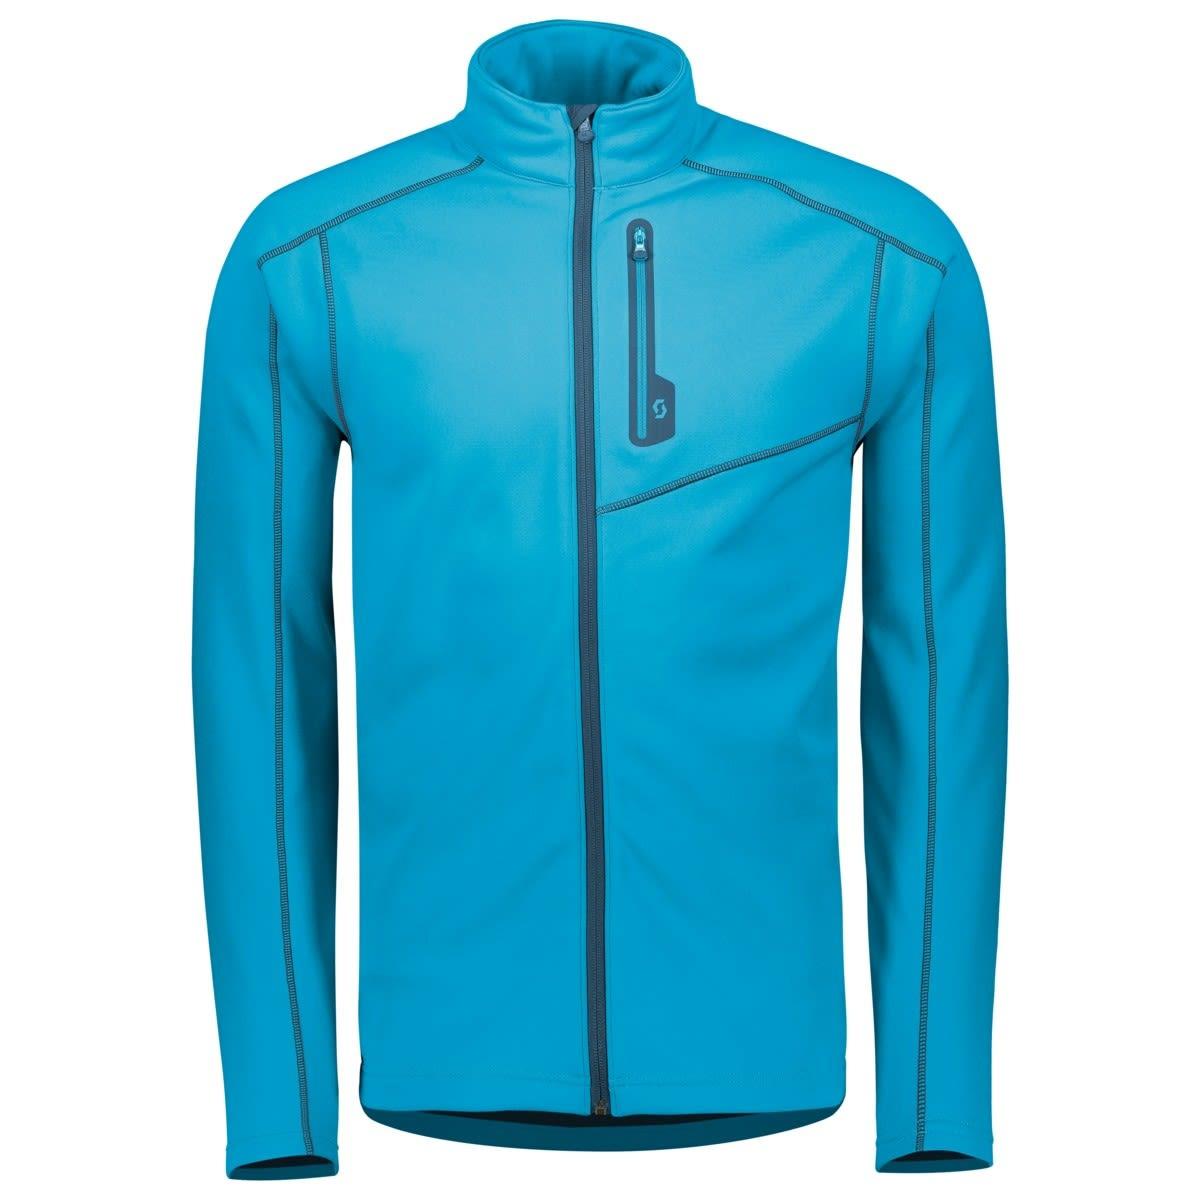 Scott M Defined Tech Jacket, Marine Blue | Größe S,M,L,XL | Herren Fleecejacke